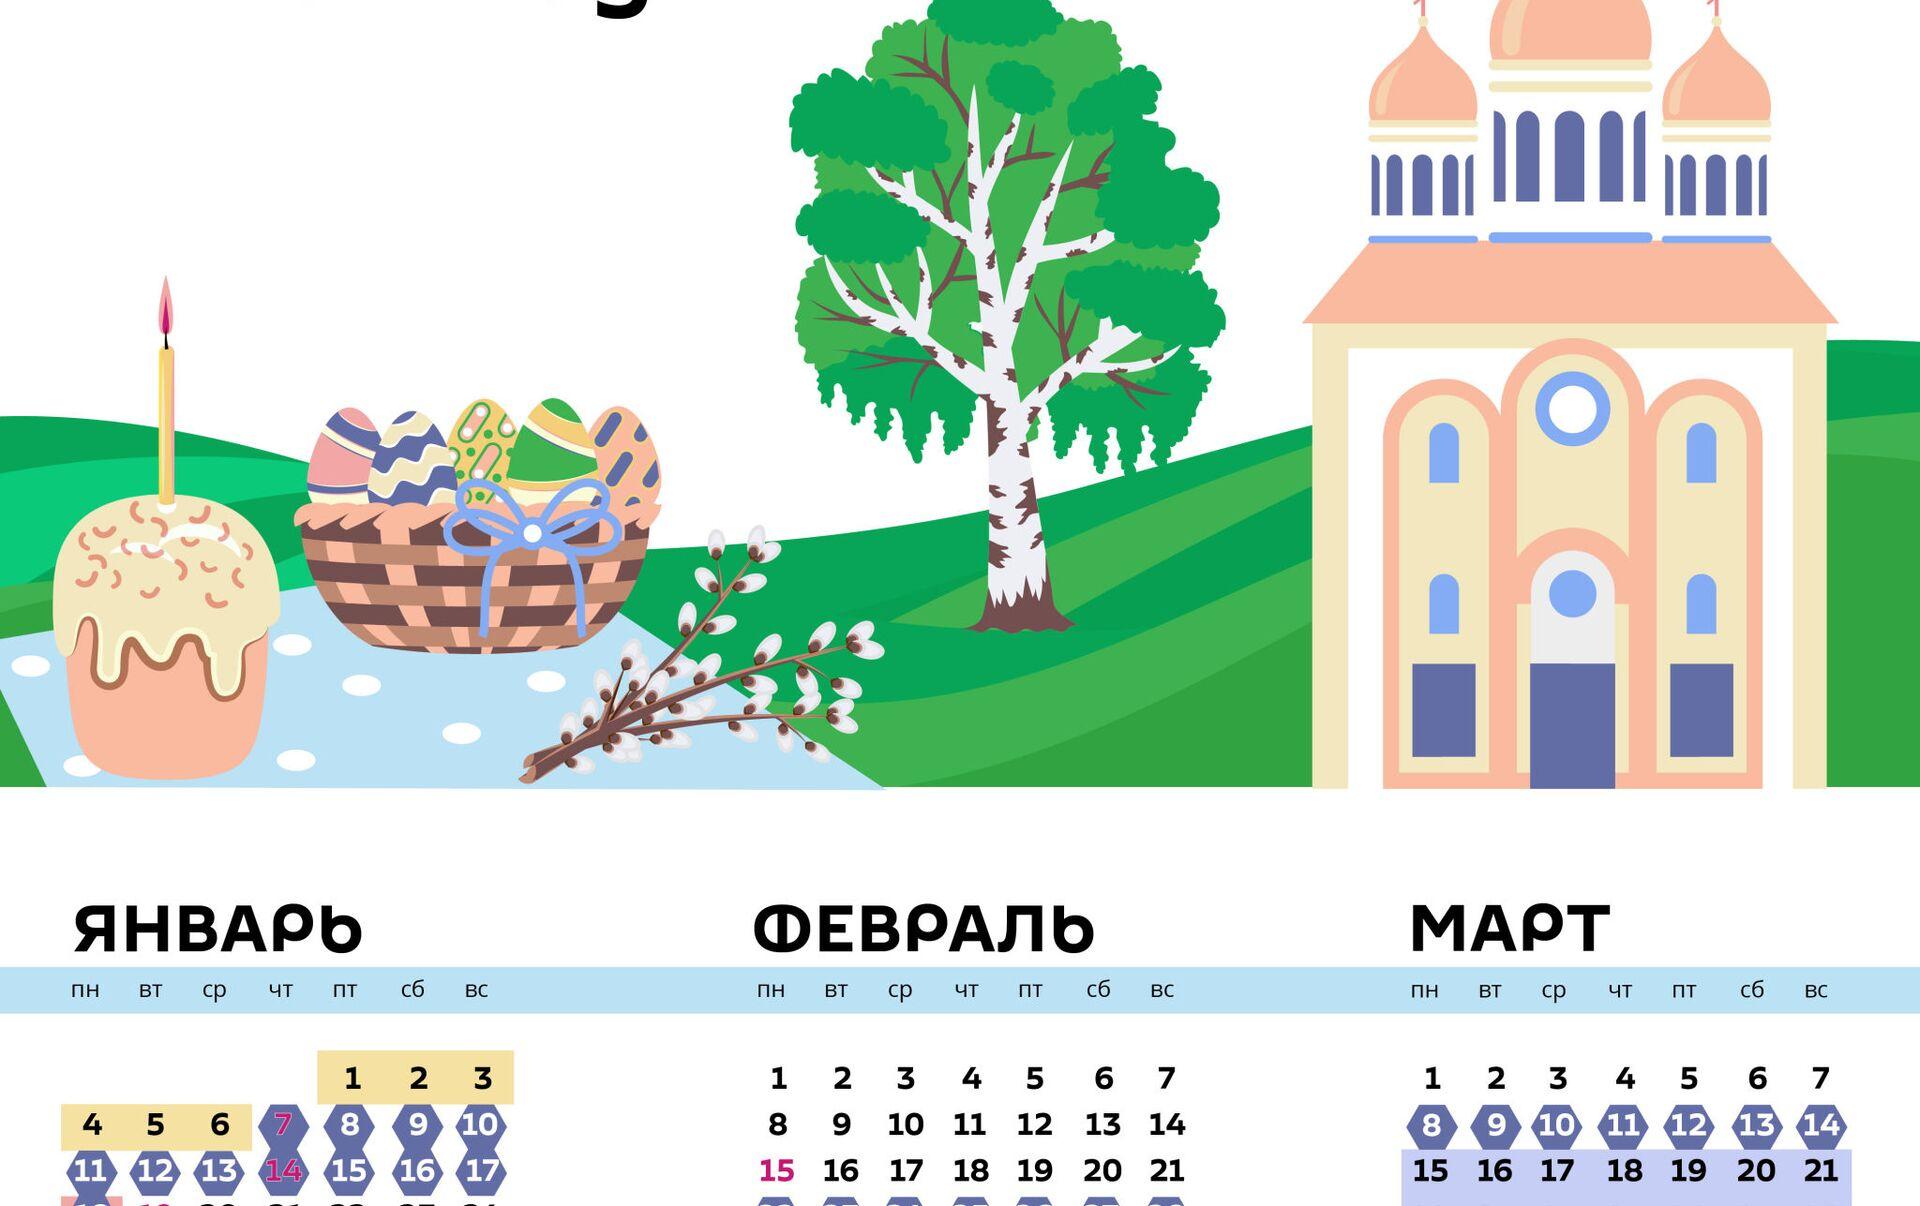 Православный календарь на 2021 год - Sputnik Грузия, 1920, 12.12.2020